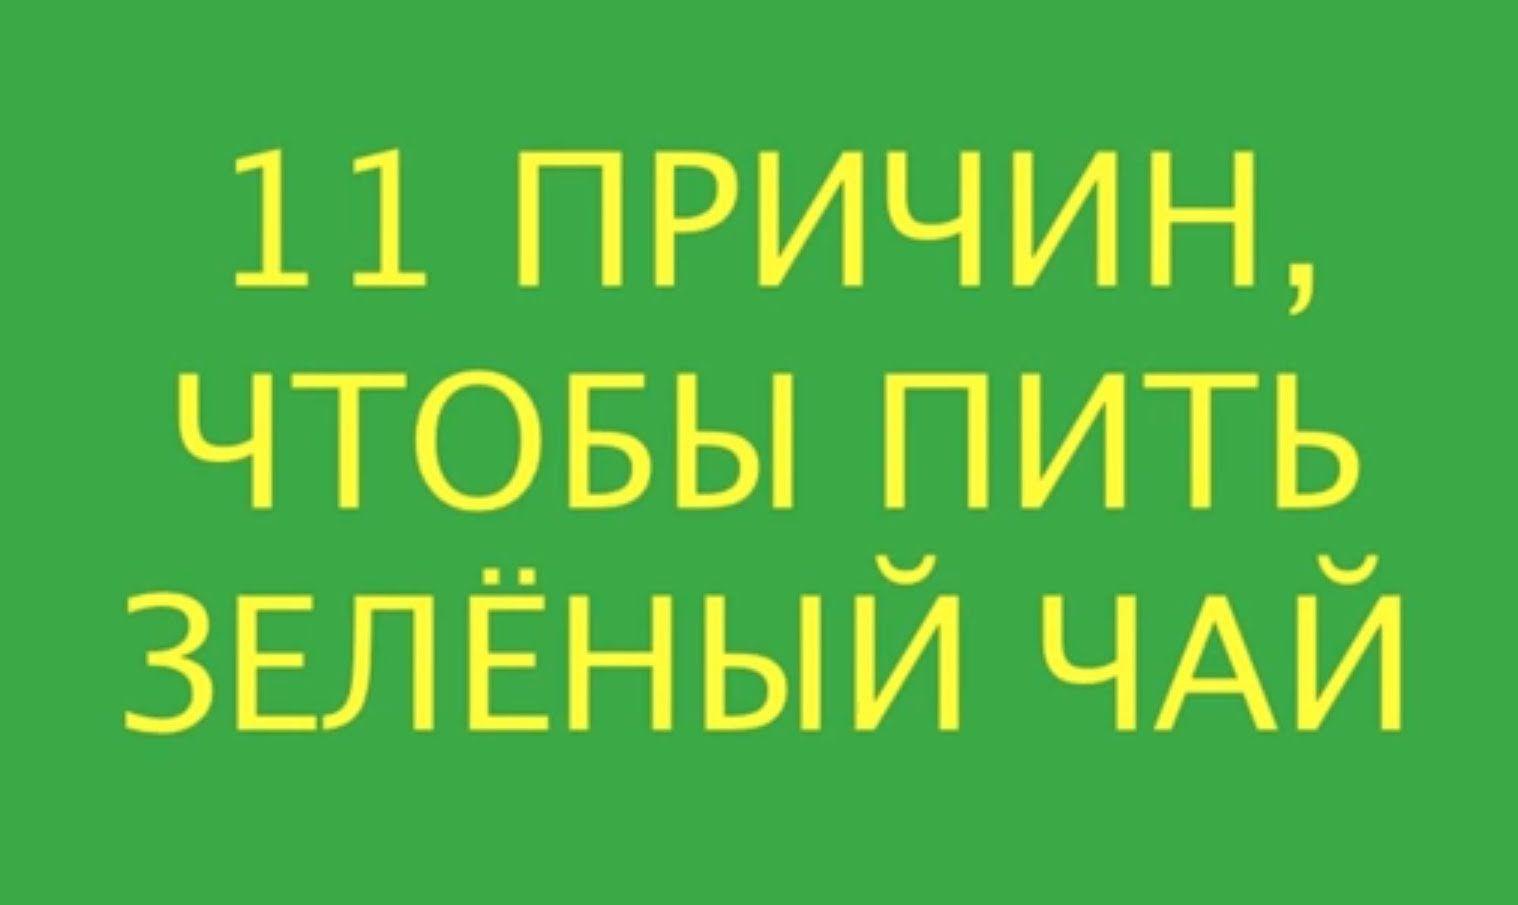 Зеленый чай - польза зеленого чая